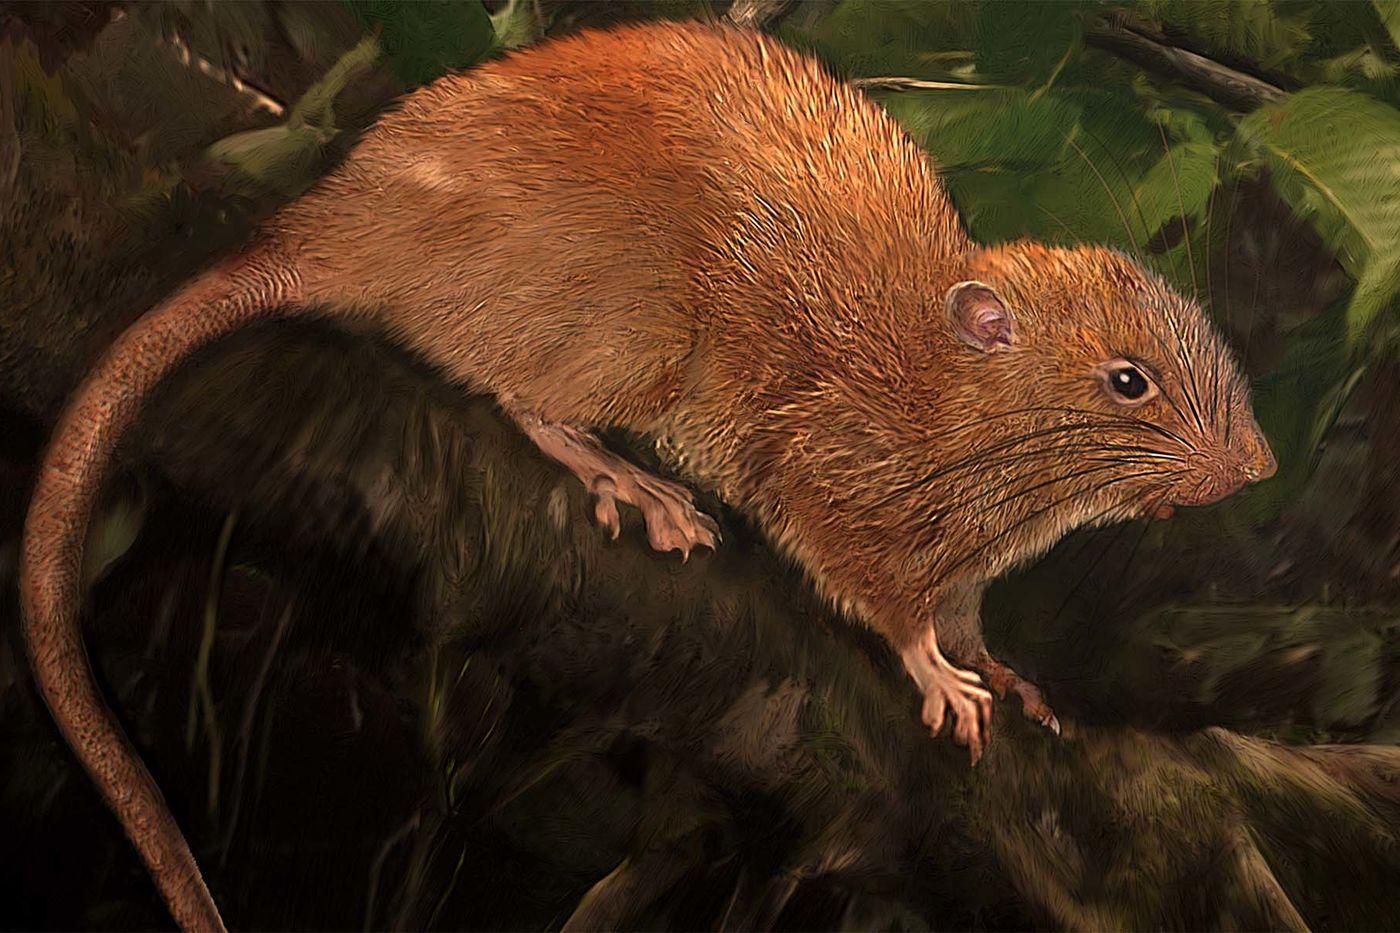 Огромные крысы-древолазы строят гнёзда высоко в ветвях и кронах. Питаются в основном кокосовыми орехами и фруктами.